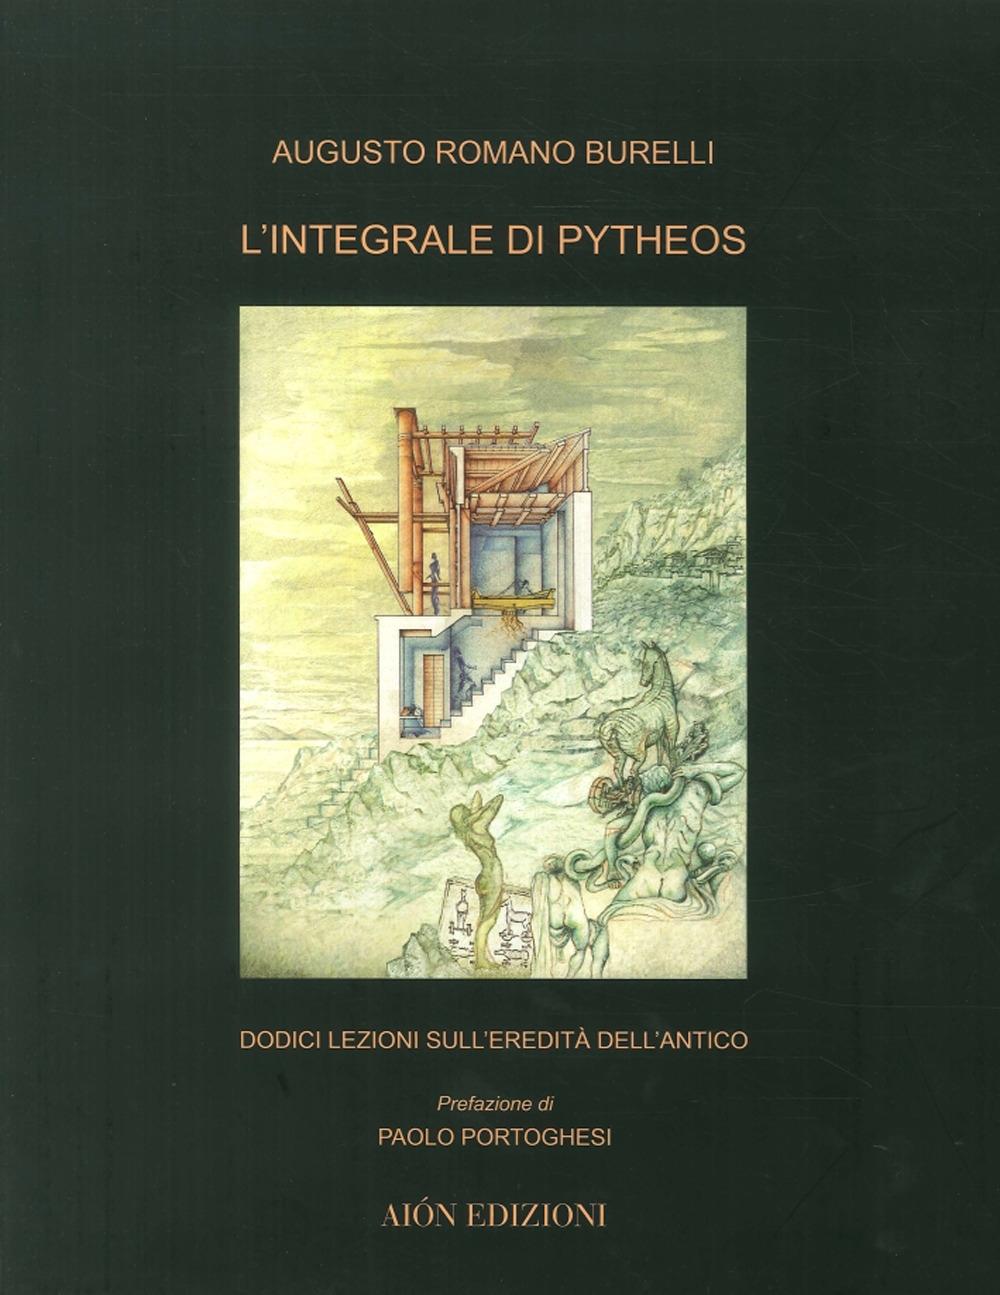 L'Integrale di Pitheos. Dodici Lezioni sull'Eredità Dell'Antico